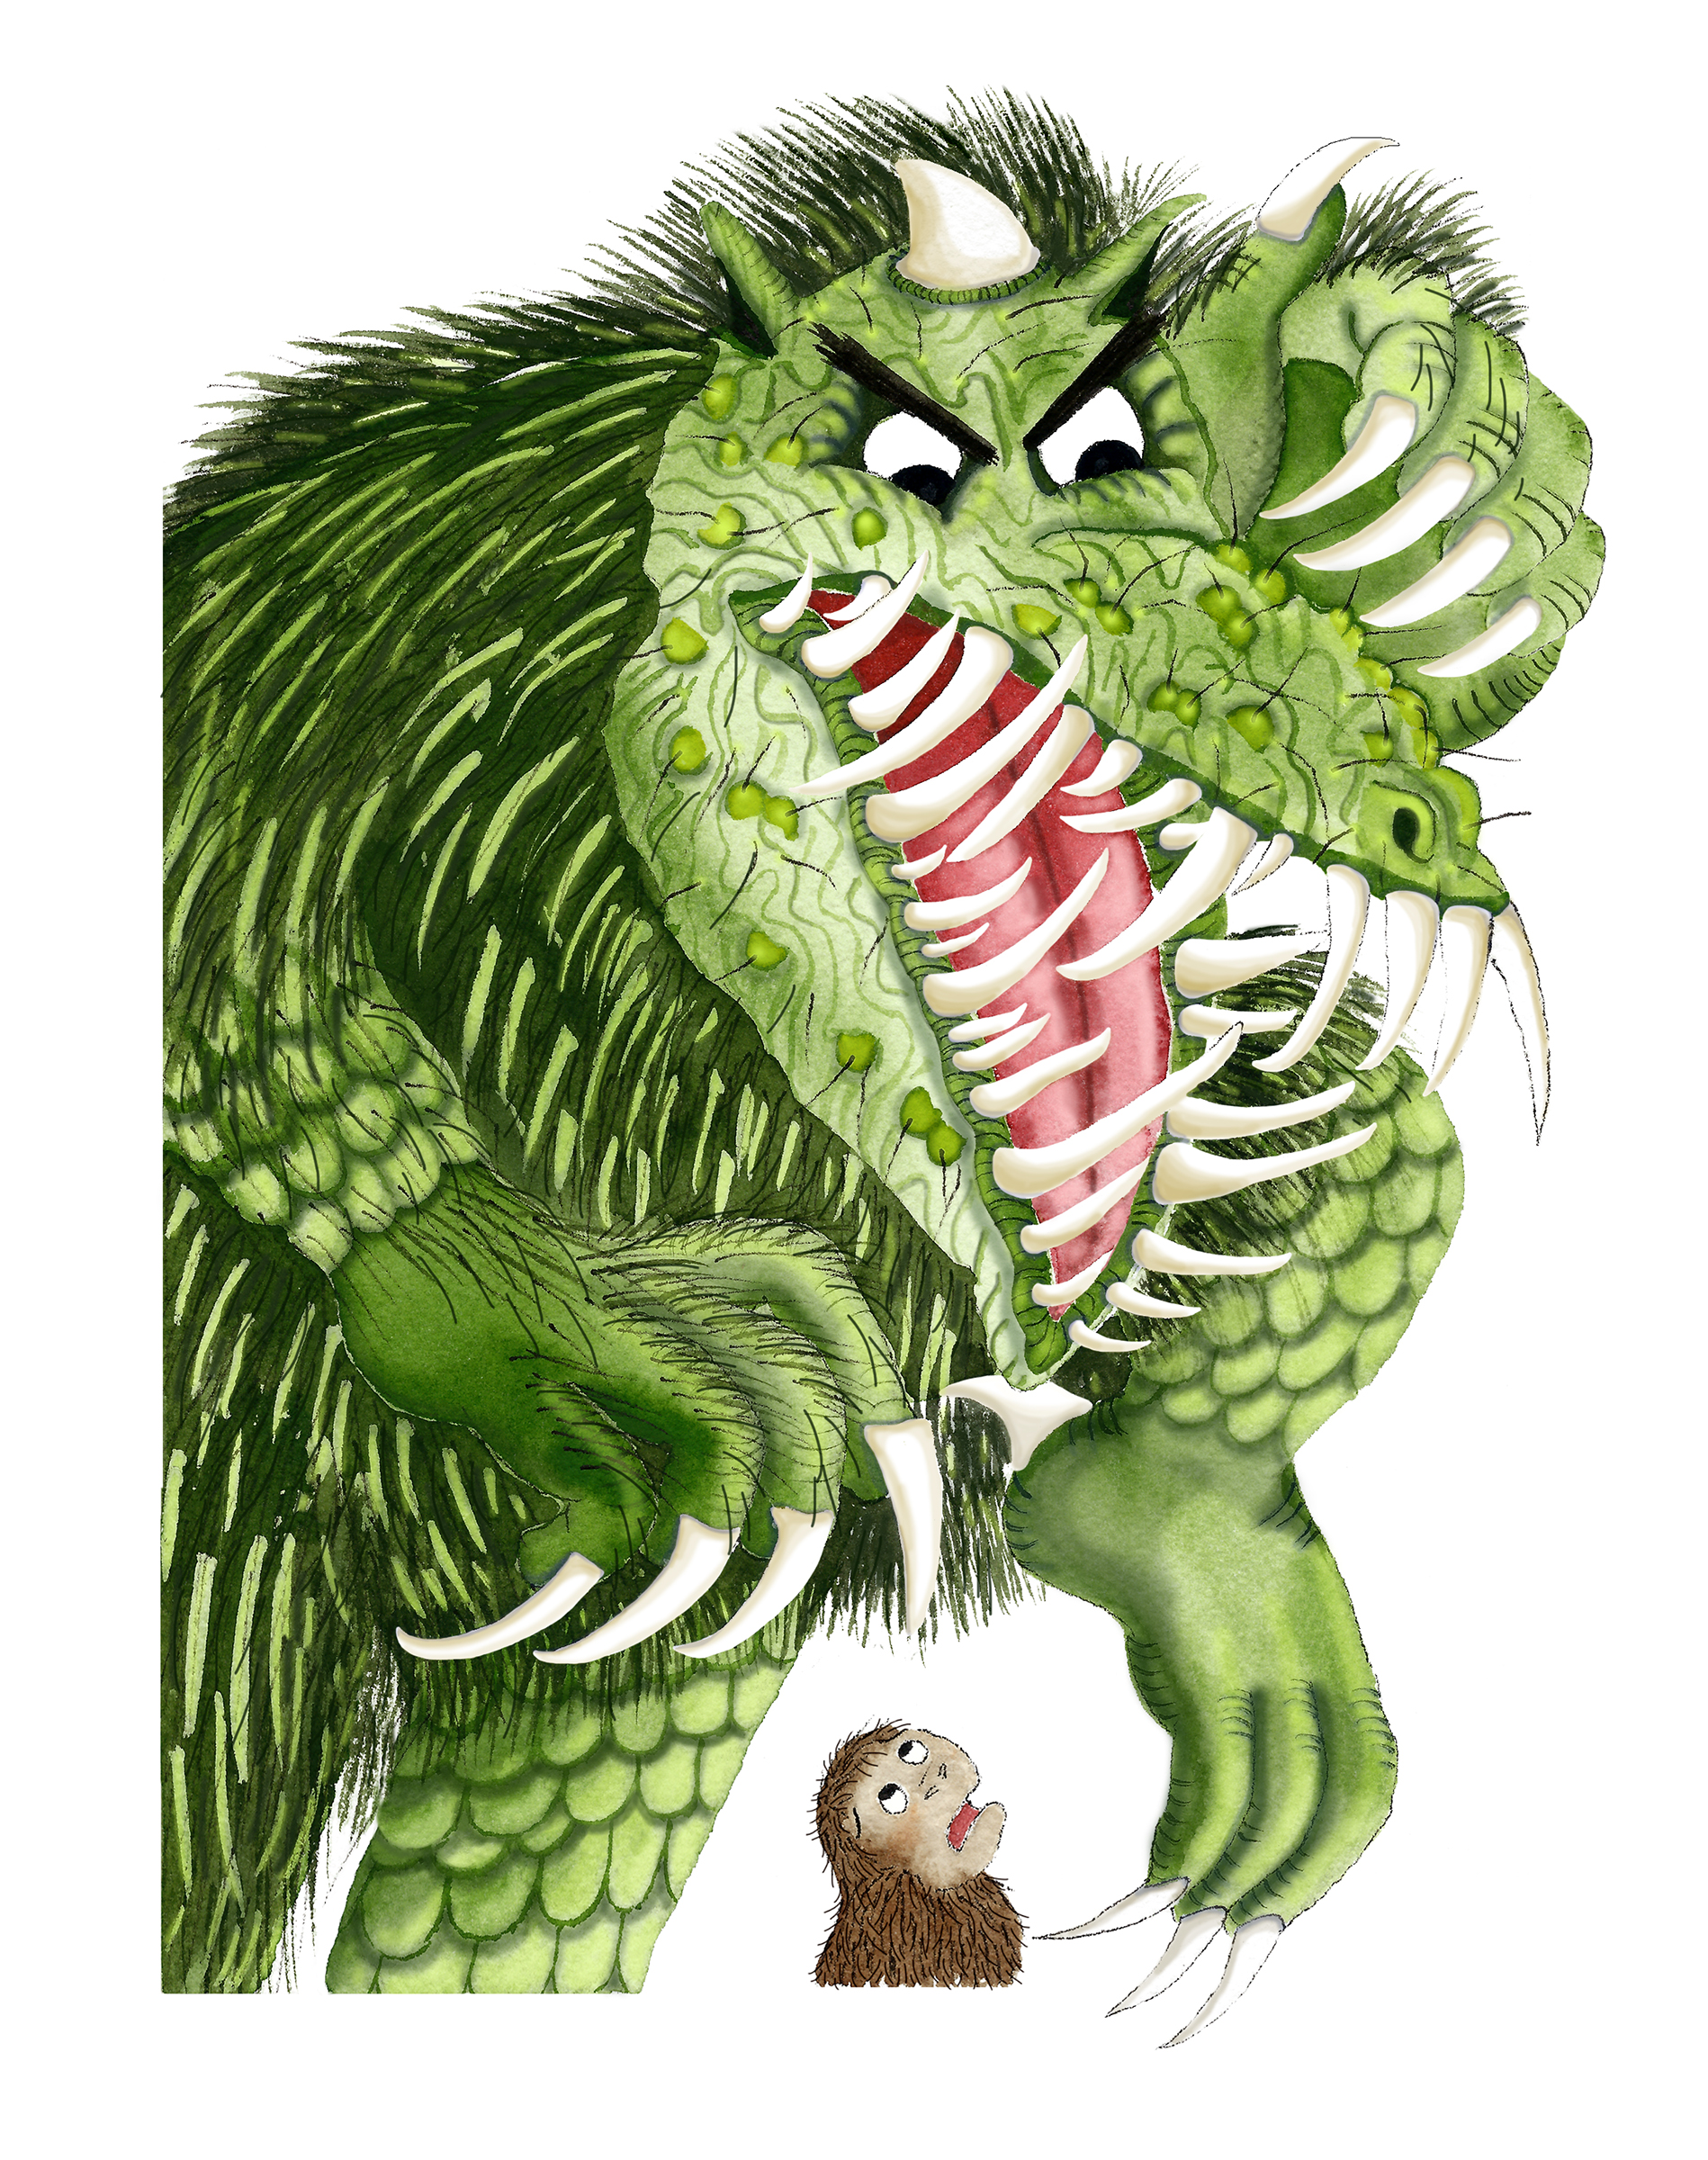 Green Hairy Monster